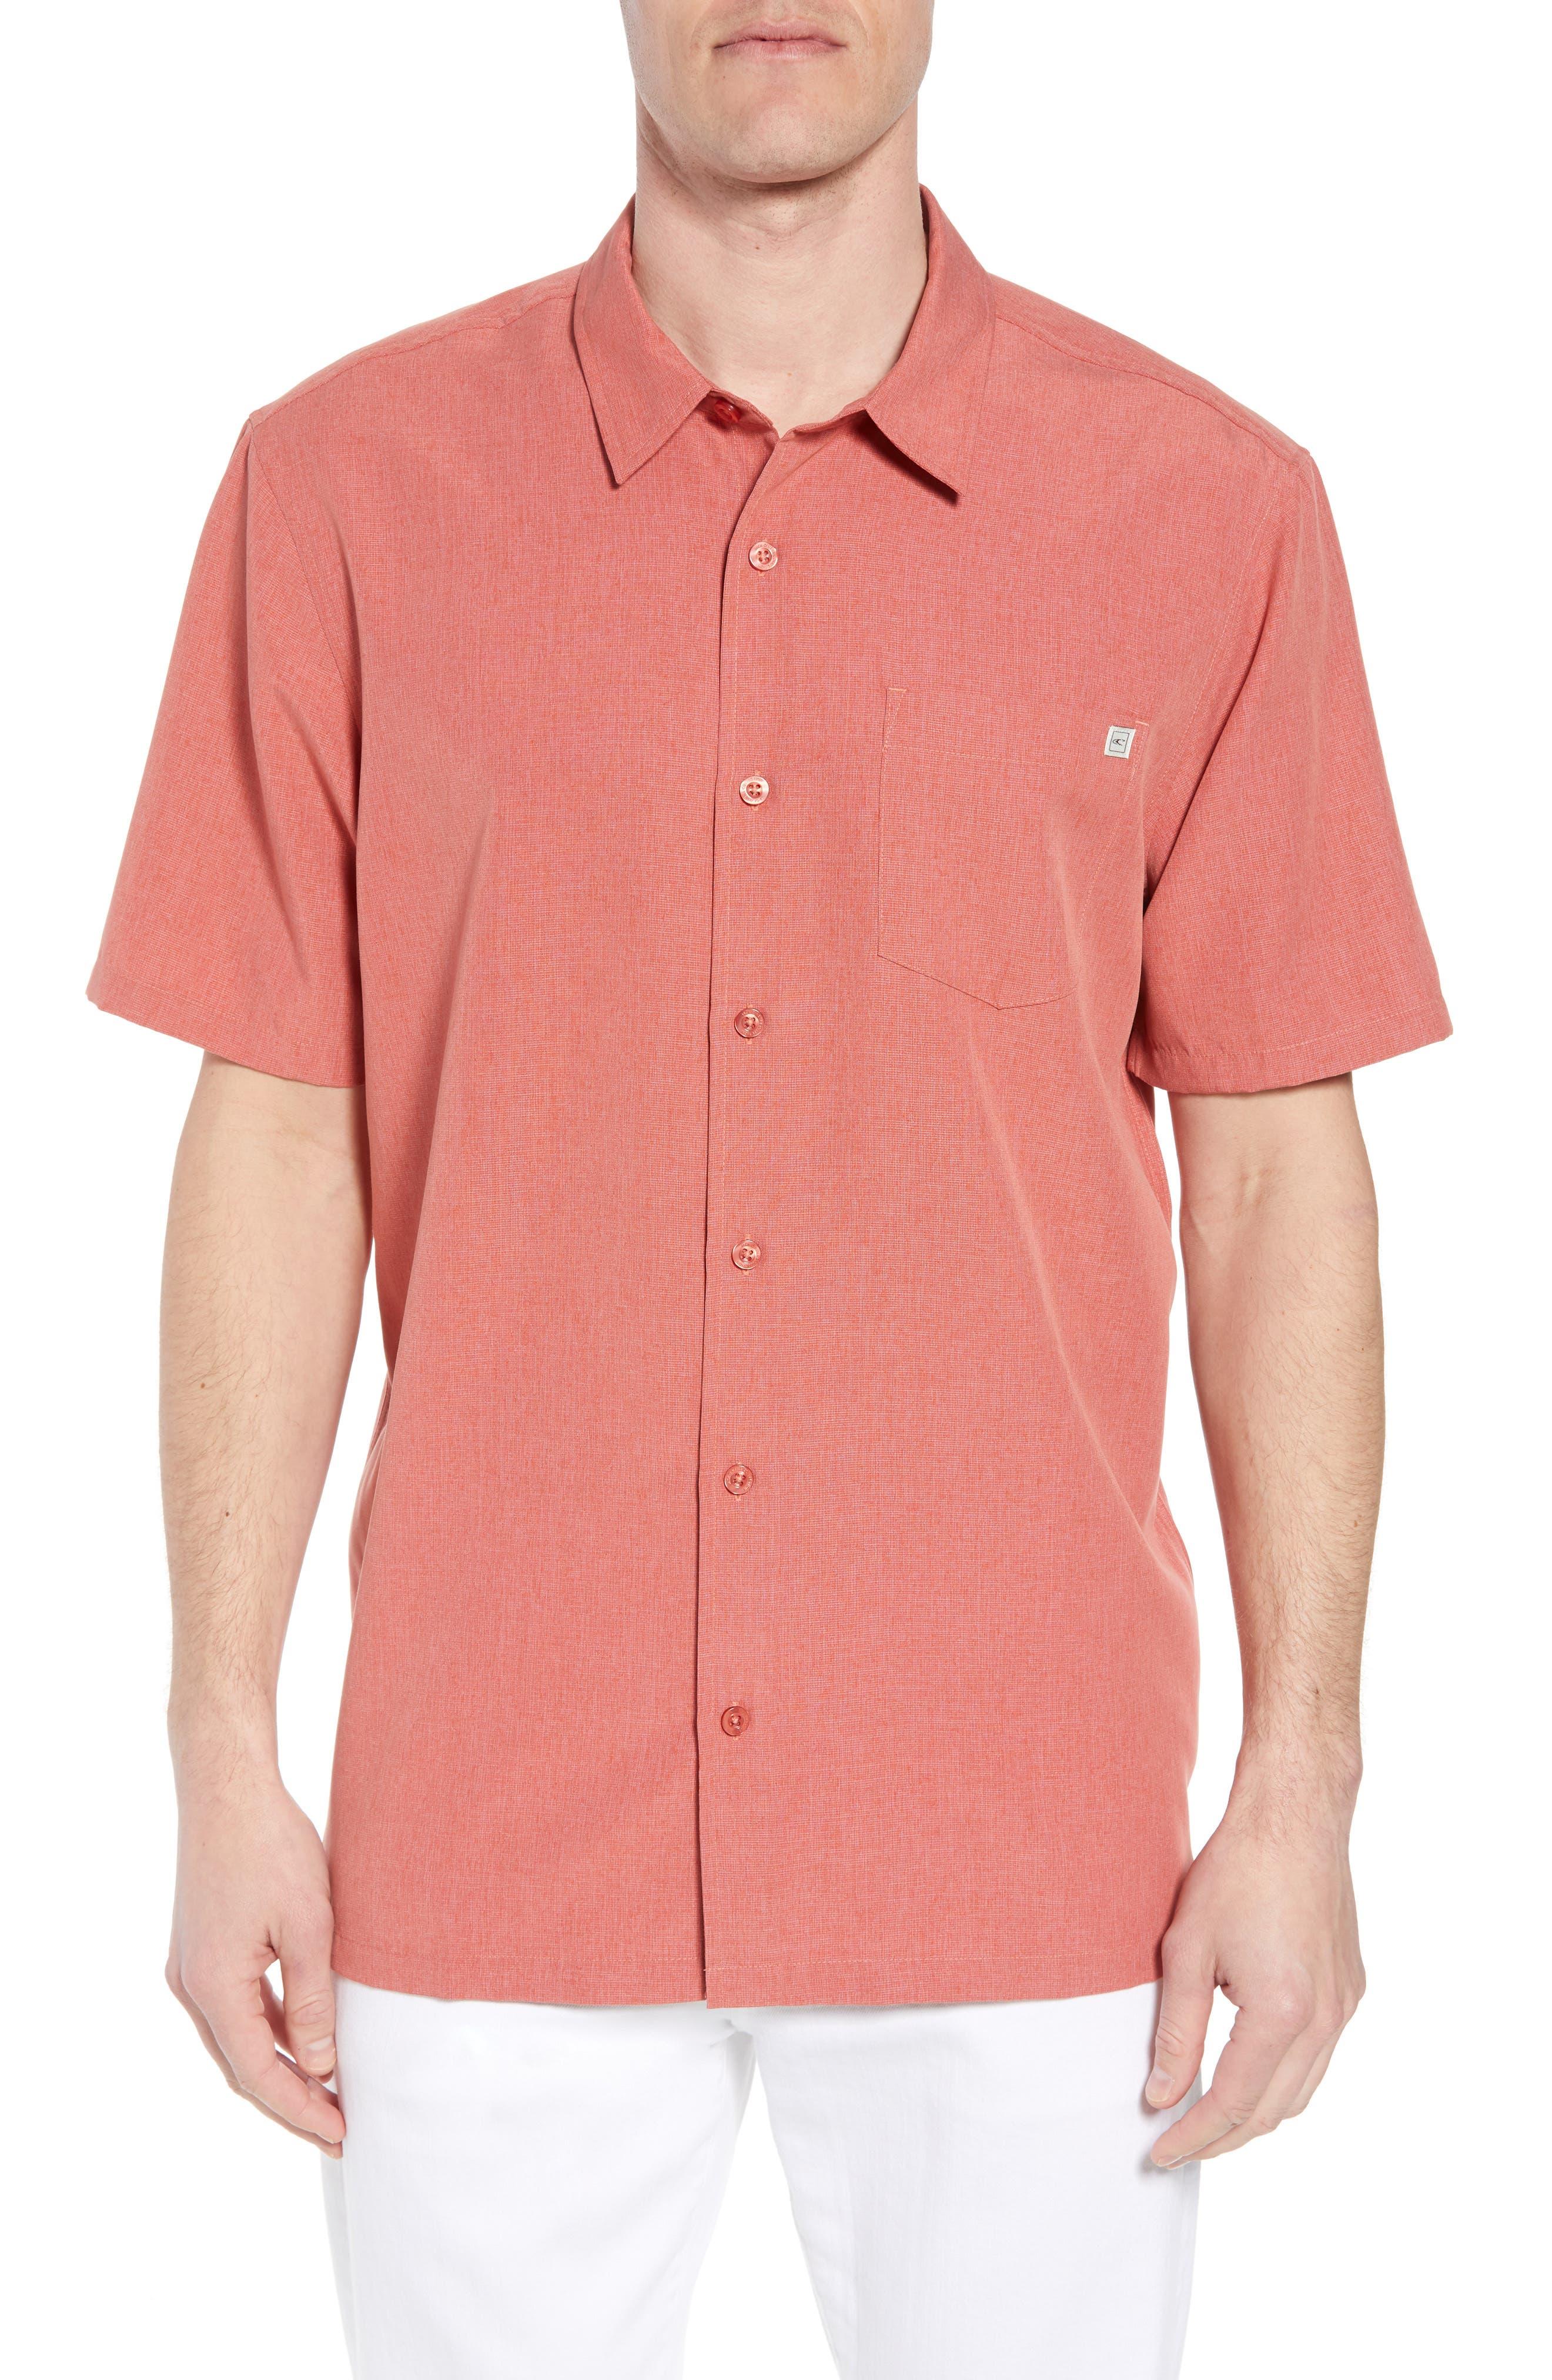 Liberty Sport Shirt,                         Main,                         color, 214